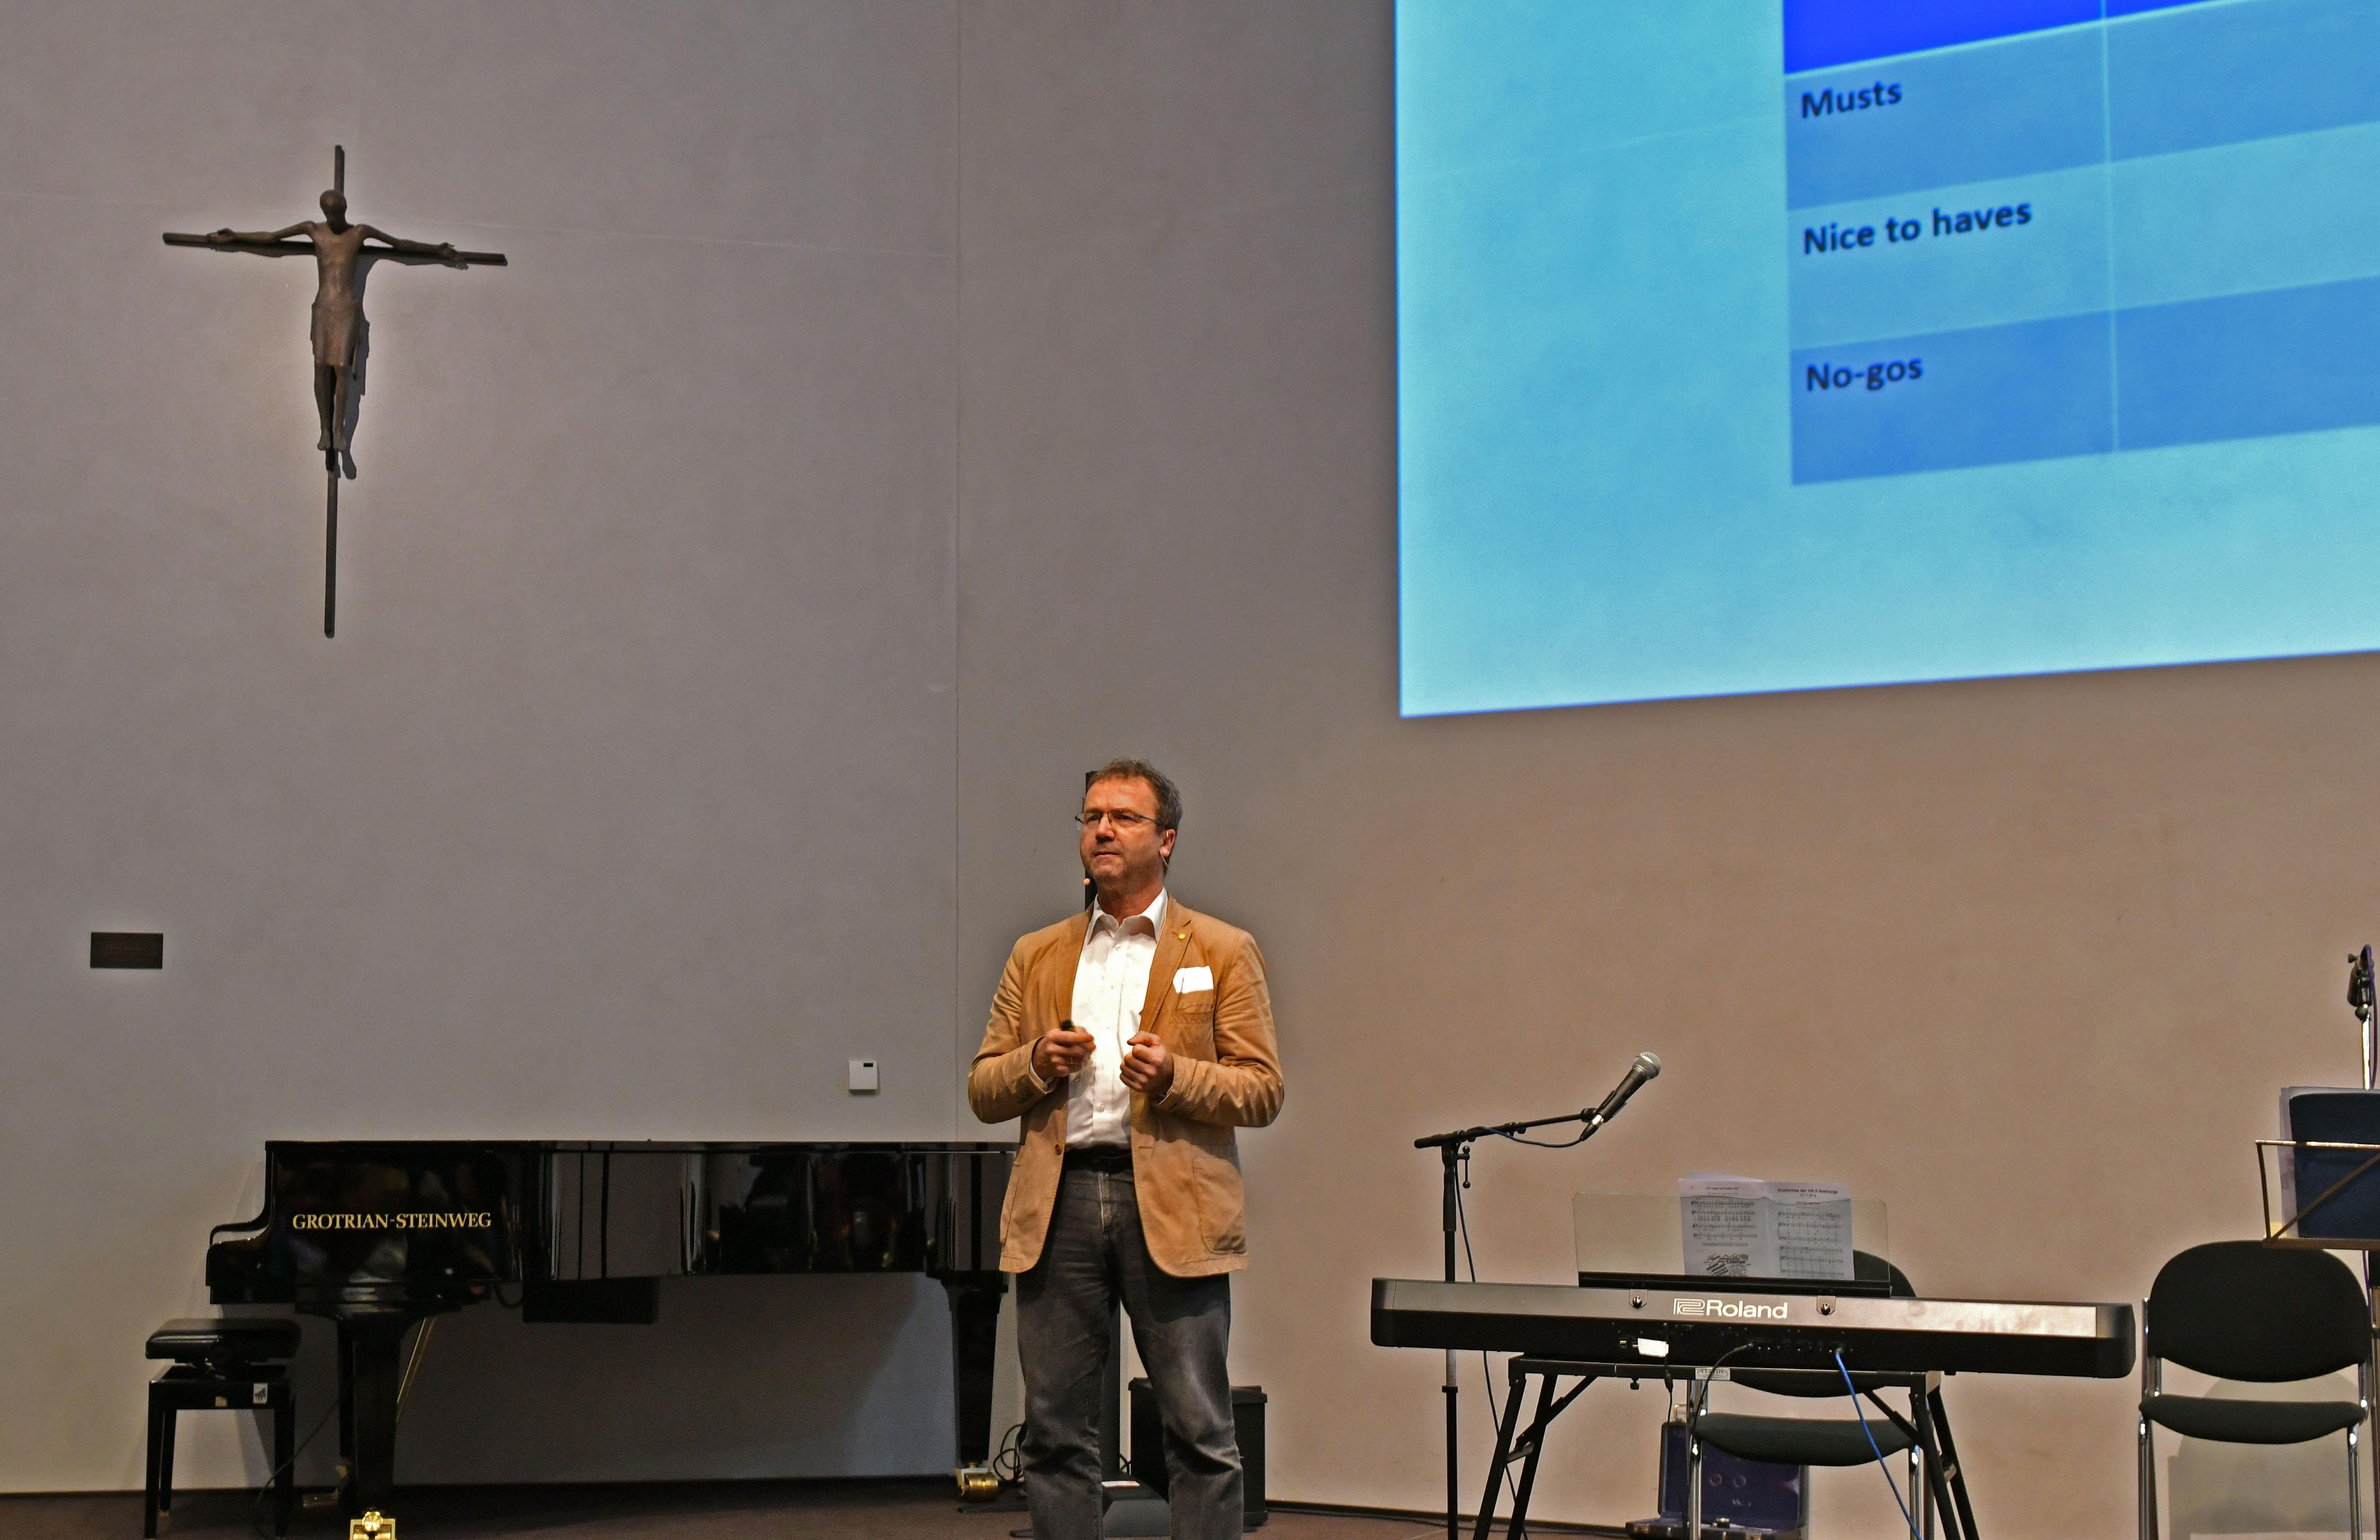 Dr. Georg Plank aus Graz referierte beim Studientag des Seelsorgeamts zum Thema Pastoralinnovation. (Foto: Simone Zwikirsch / pba)